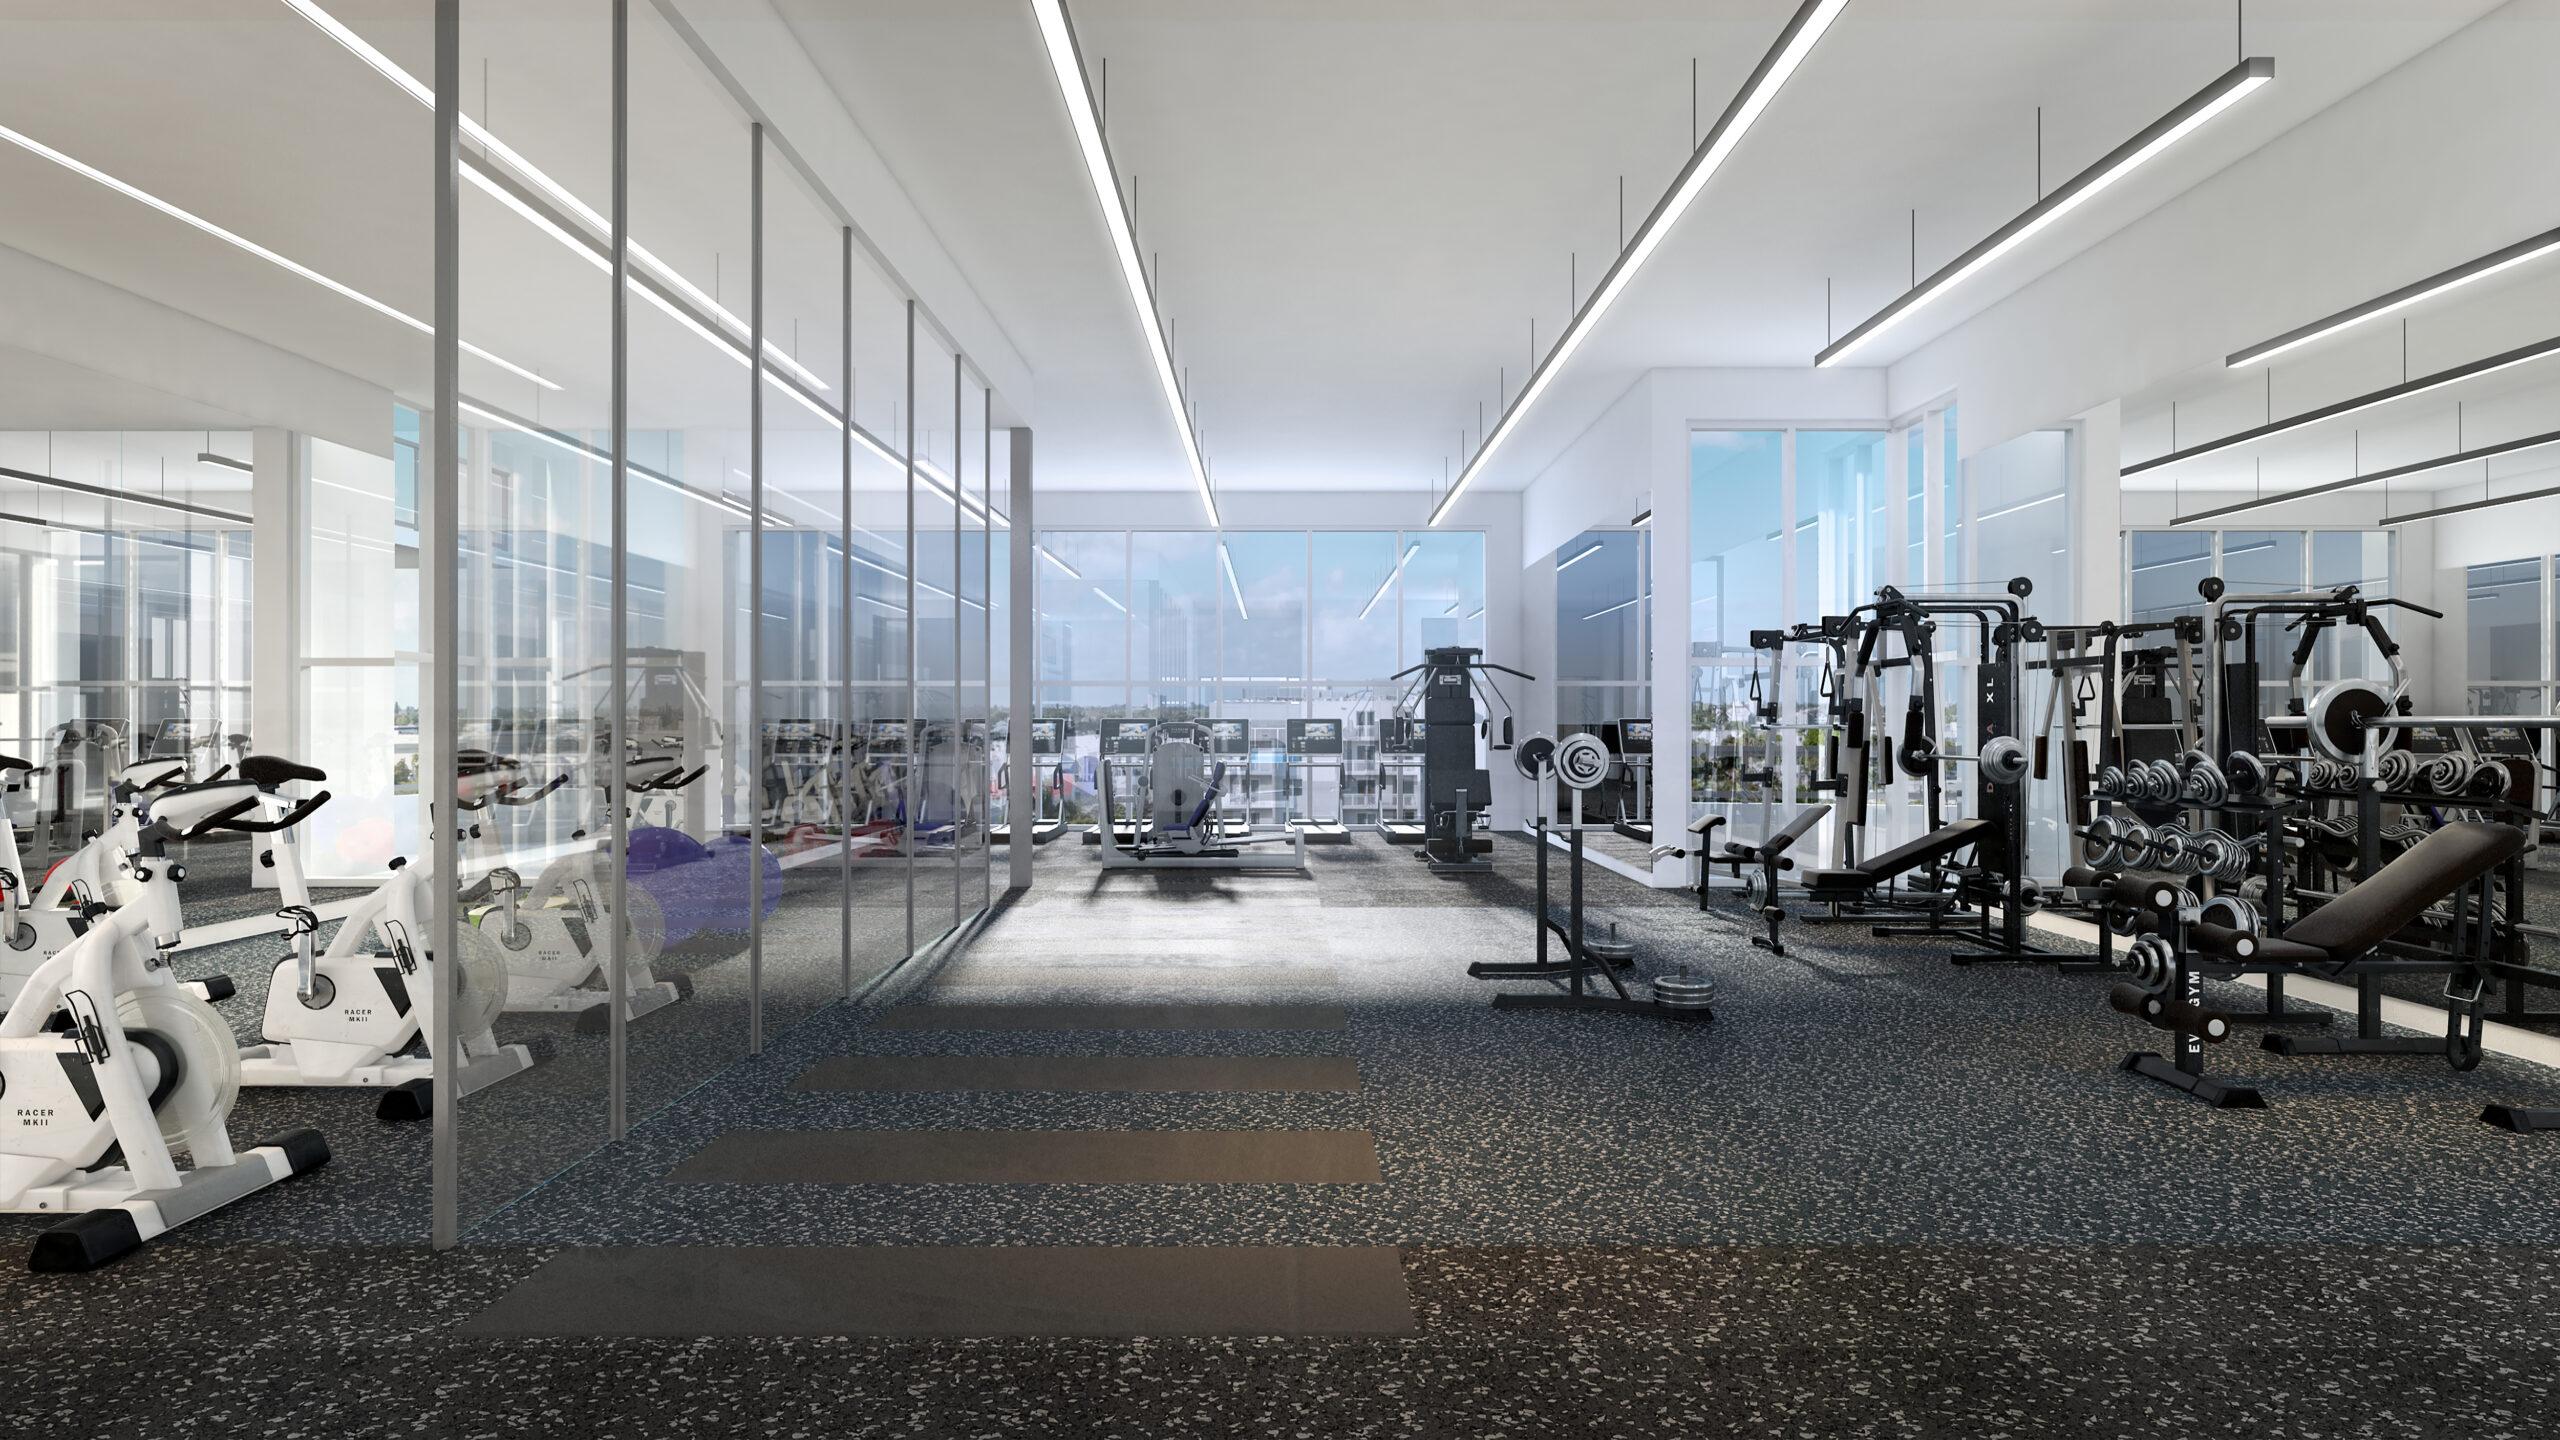 Quadro_Cam04_Fitness_Center_06-25-19